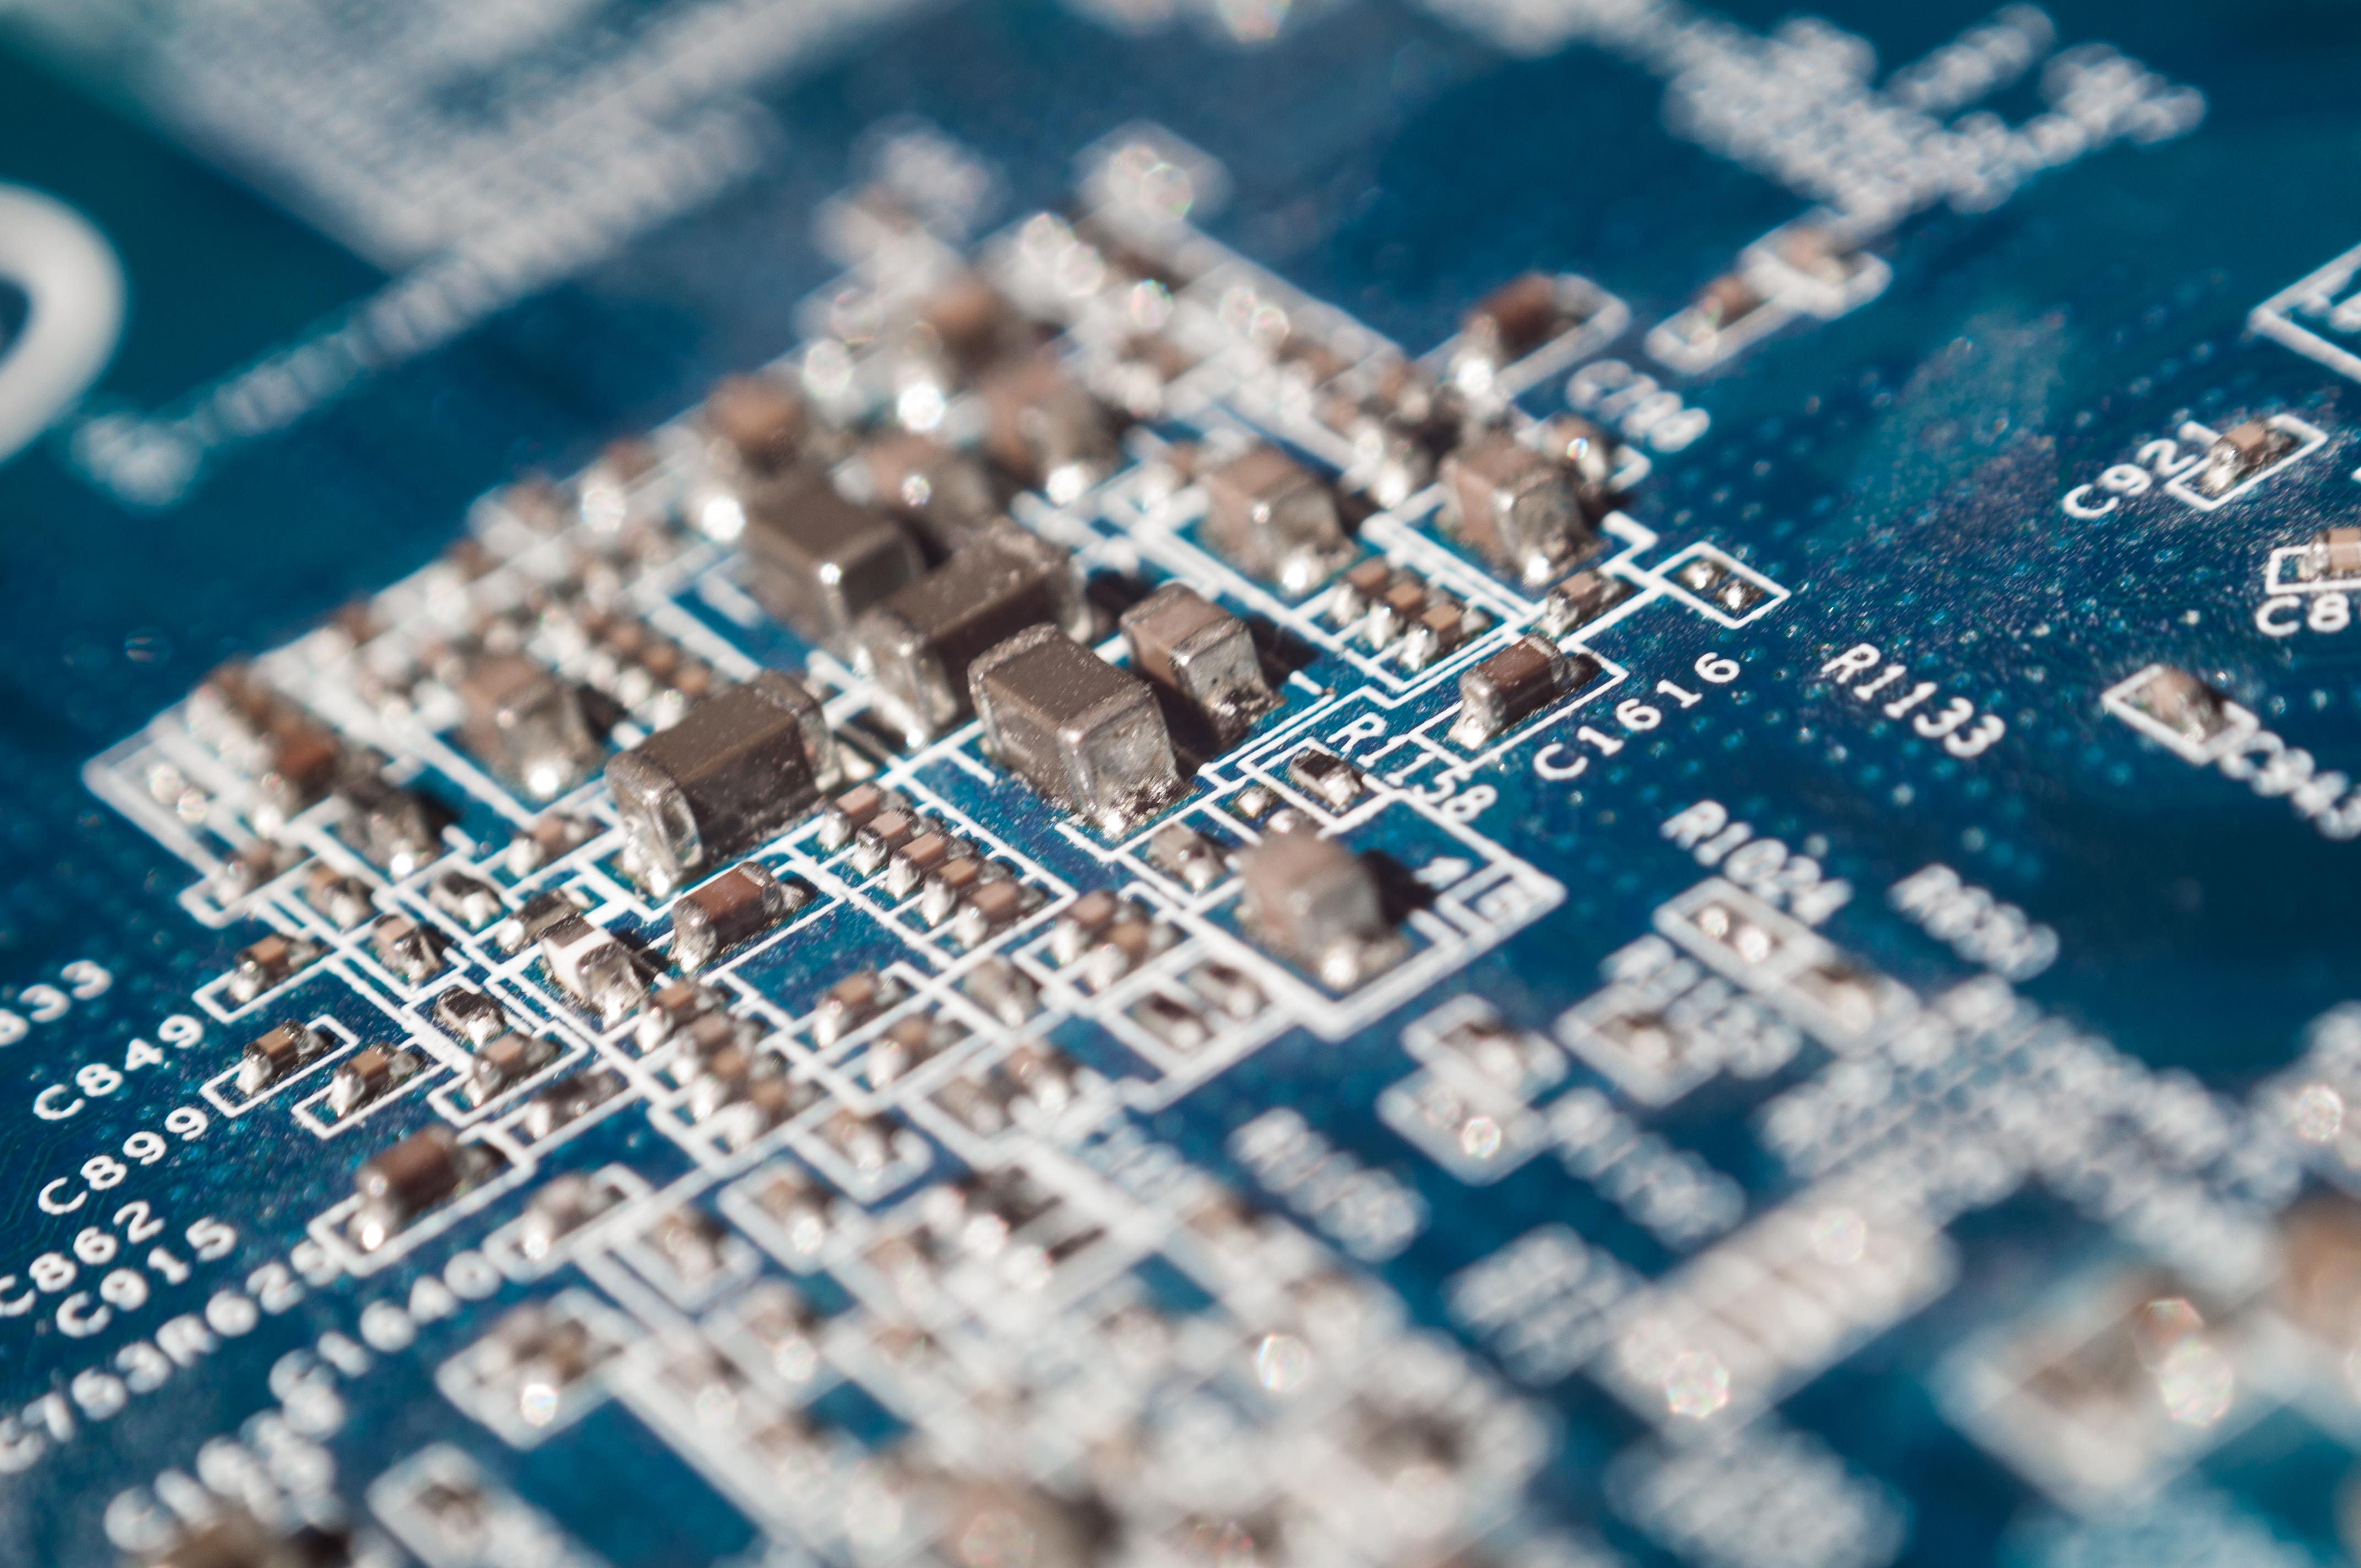 FinTech: The future of finance